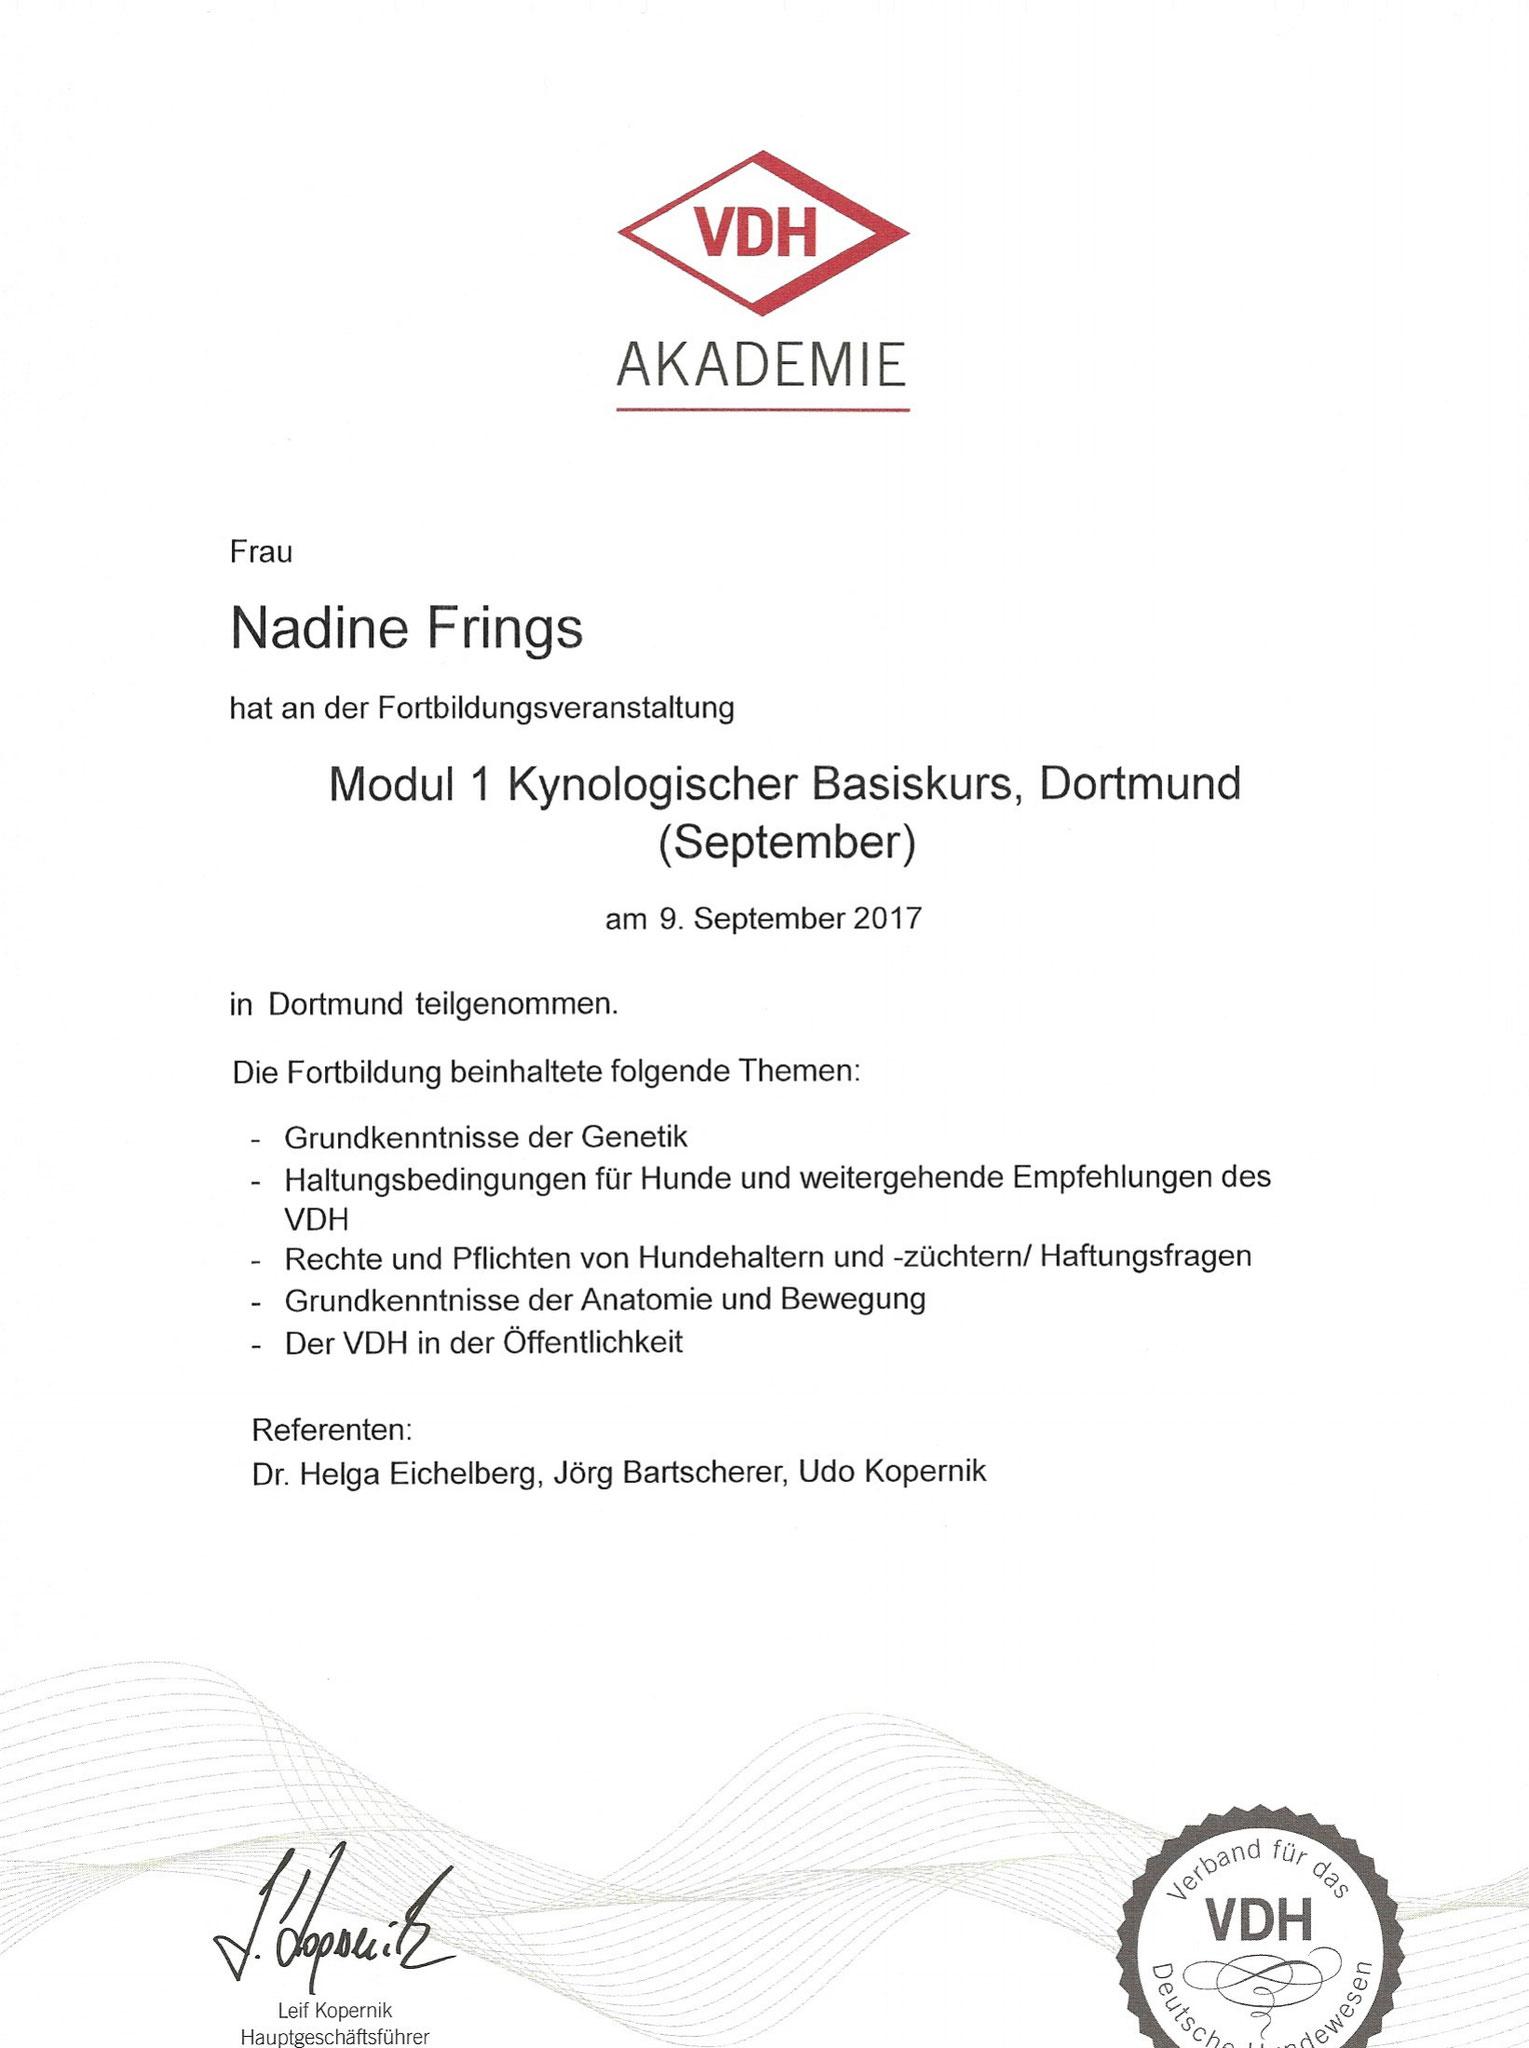 Kynologischer Basiskurs Modul 1 / 09. September 2017